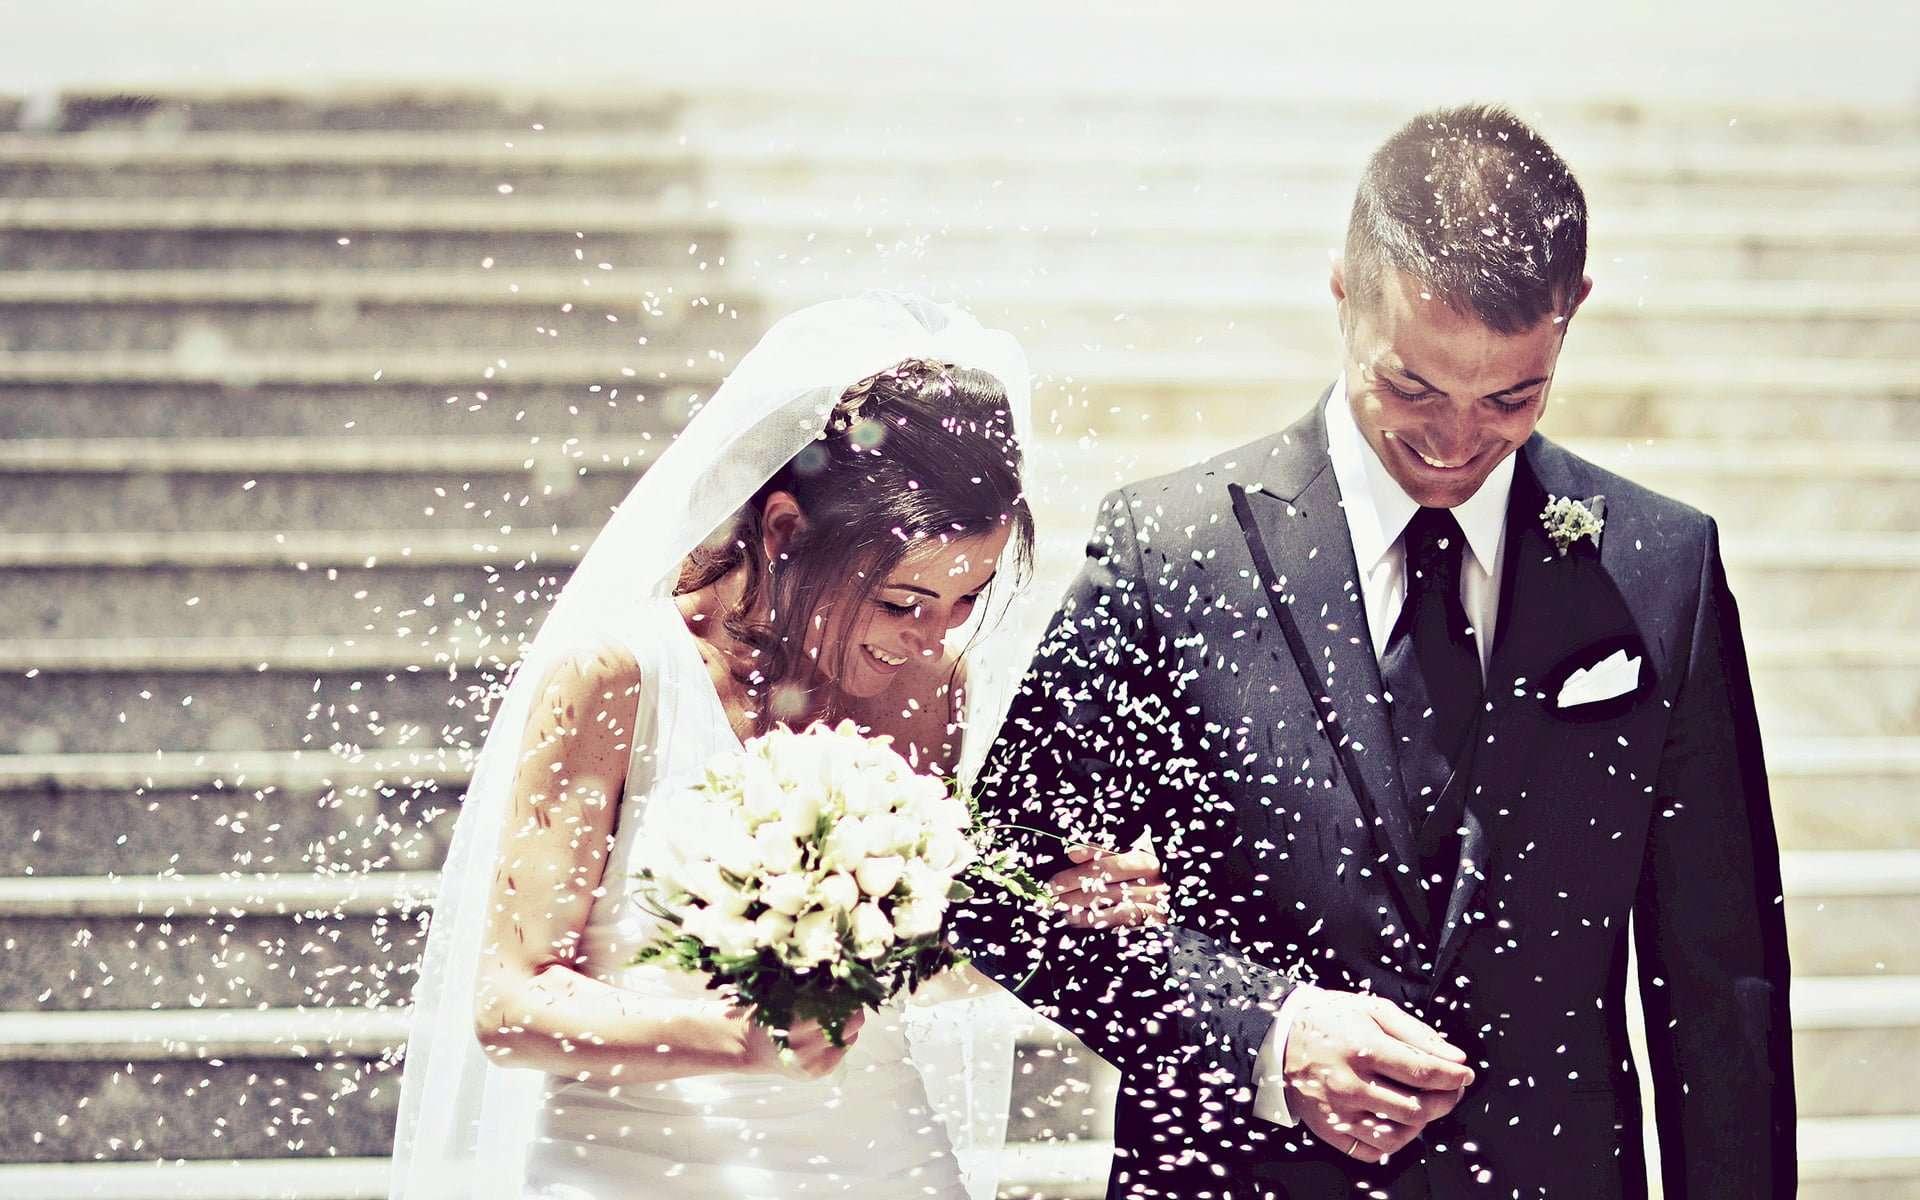 whatsapp status for wedding 569871dac923bd6c05b90cc0